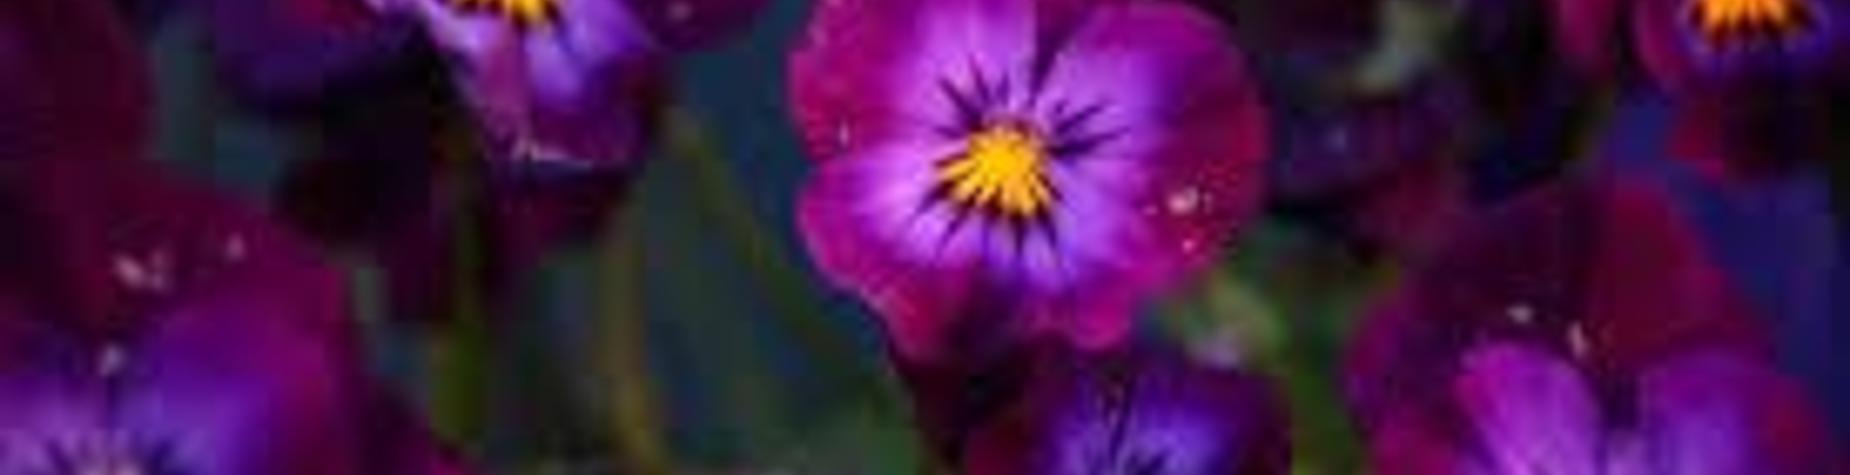 Spring Pansy